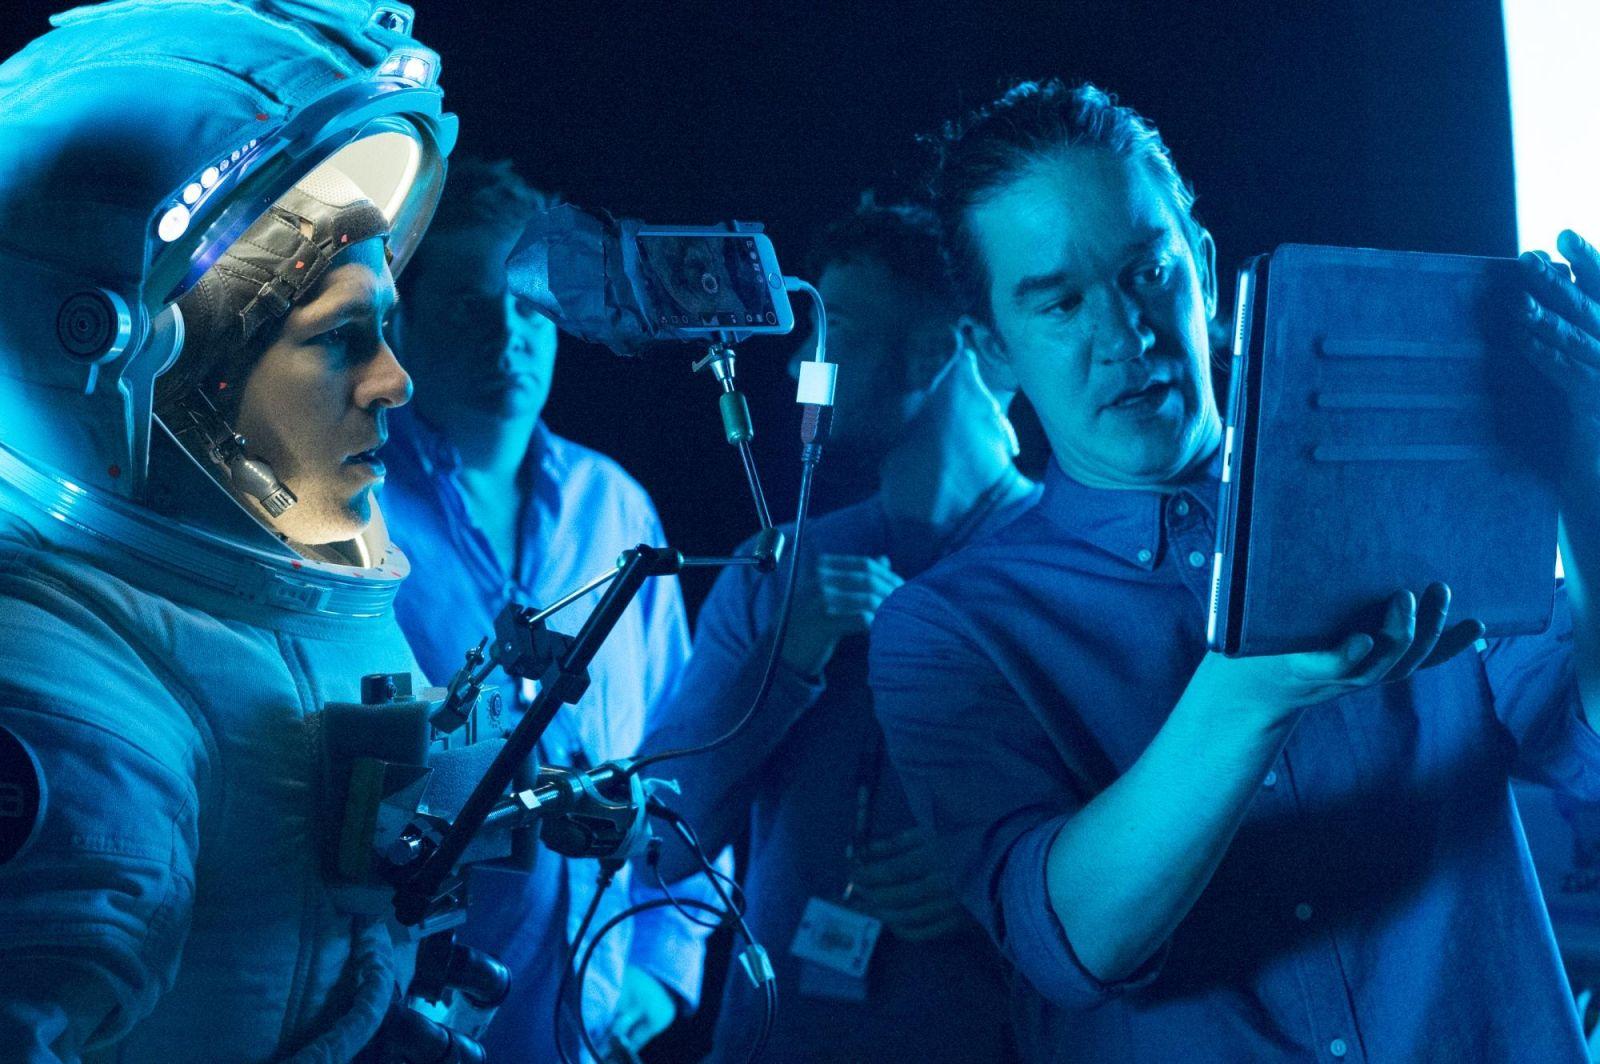 """Райан Рейнольдс и Даниель Эспиноса на съемочной площадке фильма """"Живое"""""""